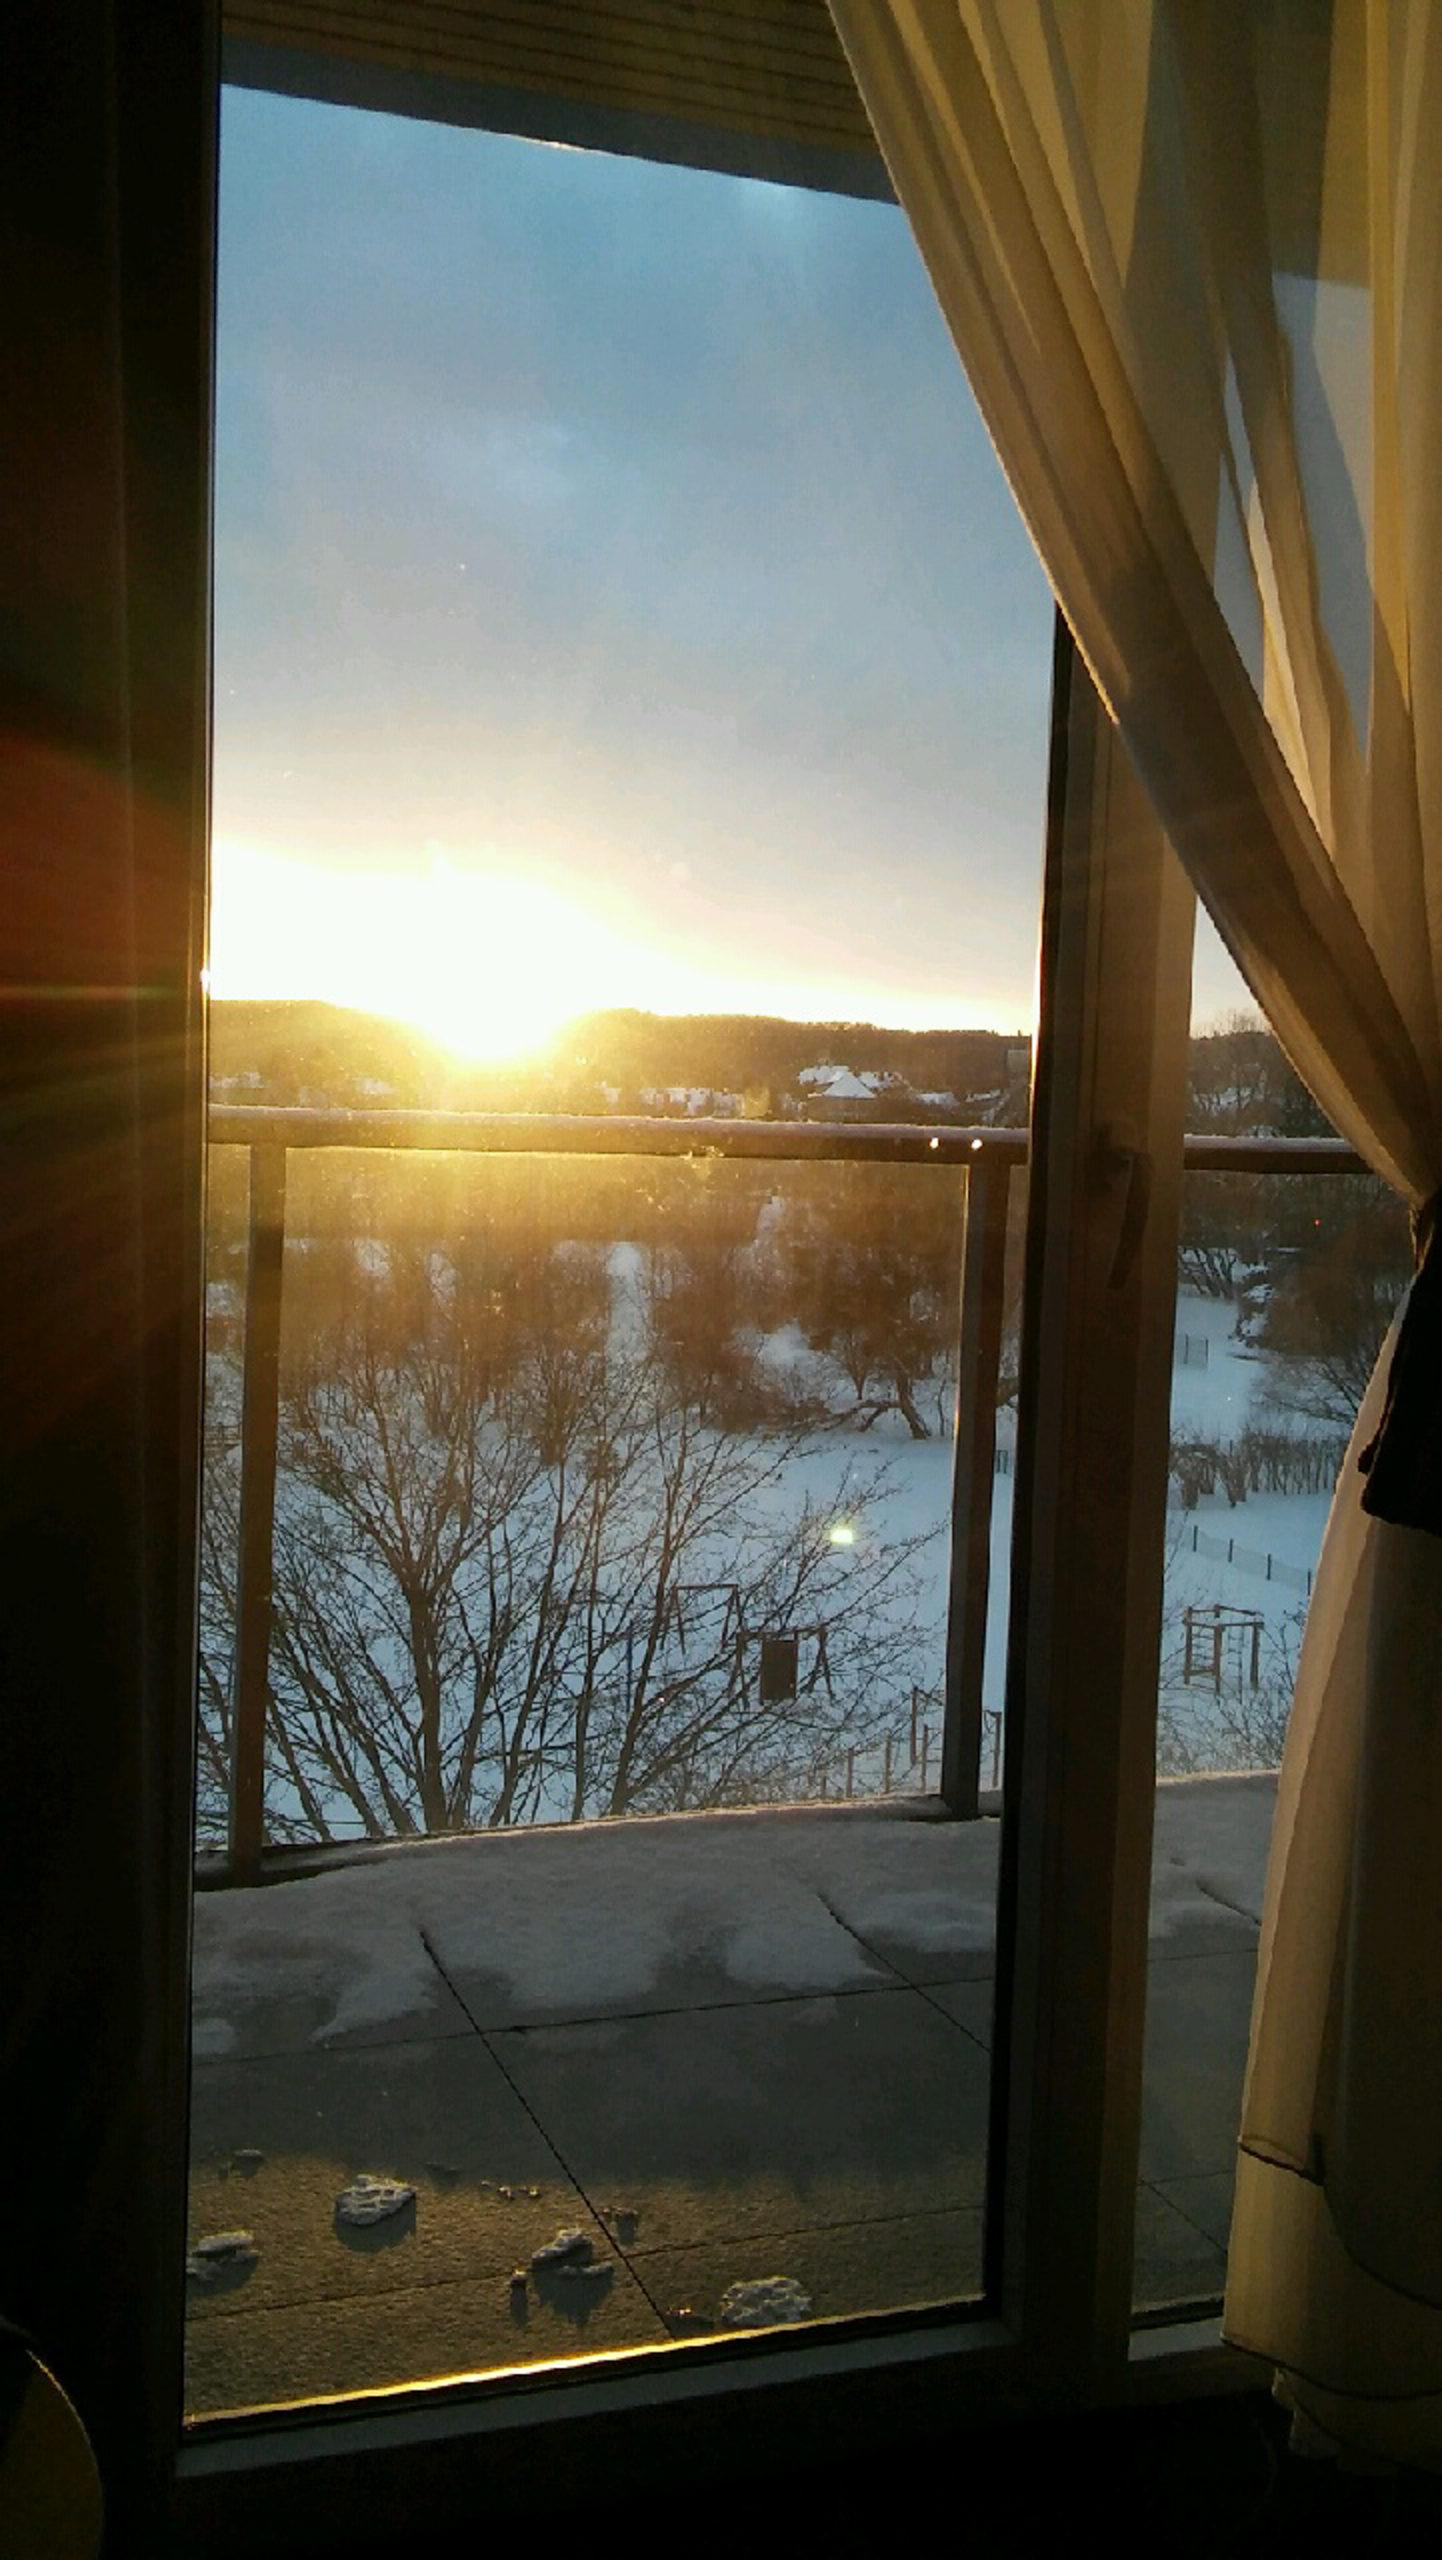 widok na zachodzące słońce z okna hotelu